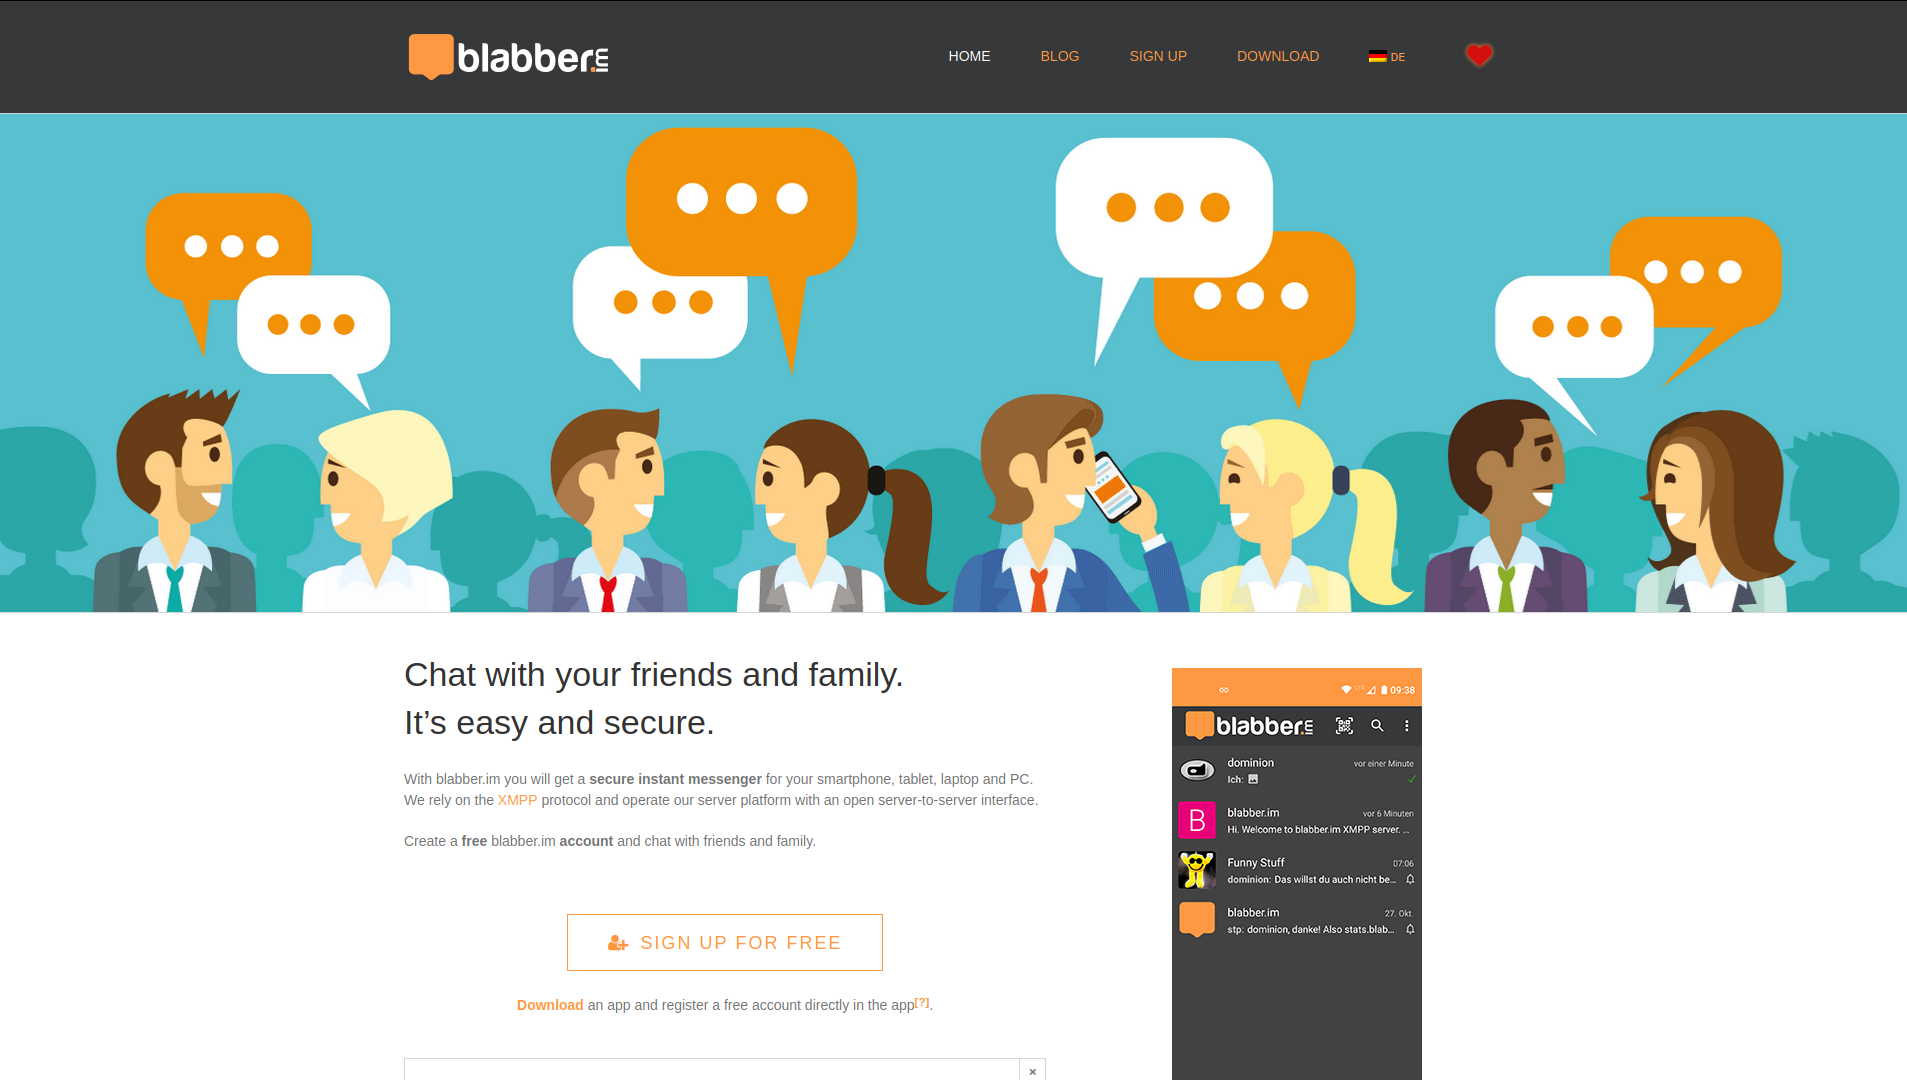 blabberi